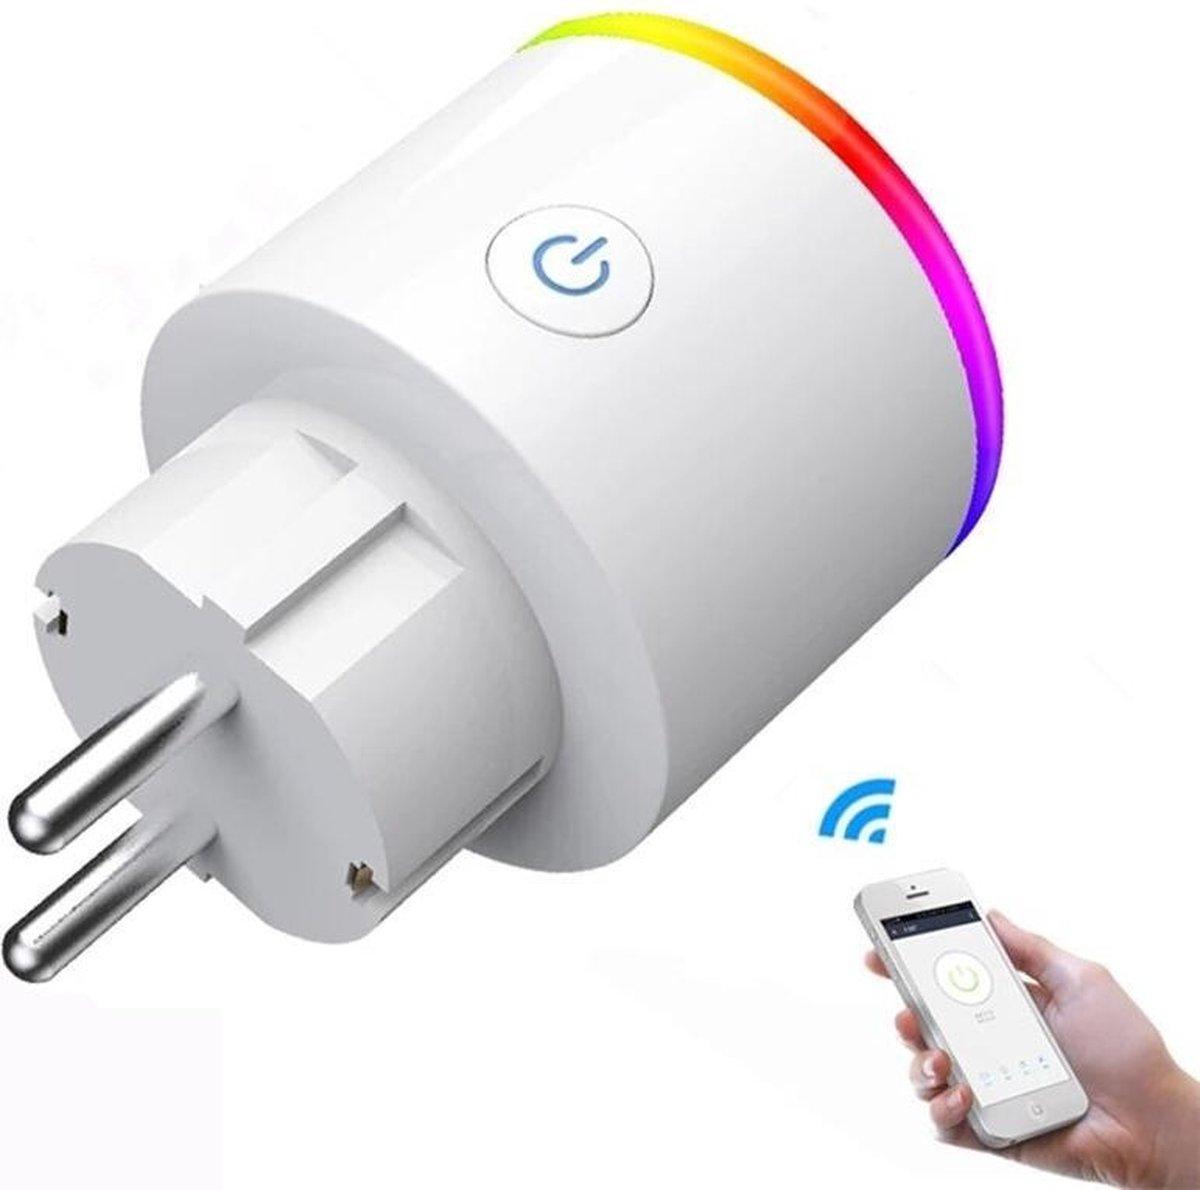 DrPhone WSP5 WIFI Draadloos Smart Plug- Slimme Stekker met RGB - 16A- Smart Life met Alexa en Google Home Assistant Voice Control - Wit